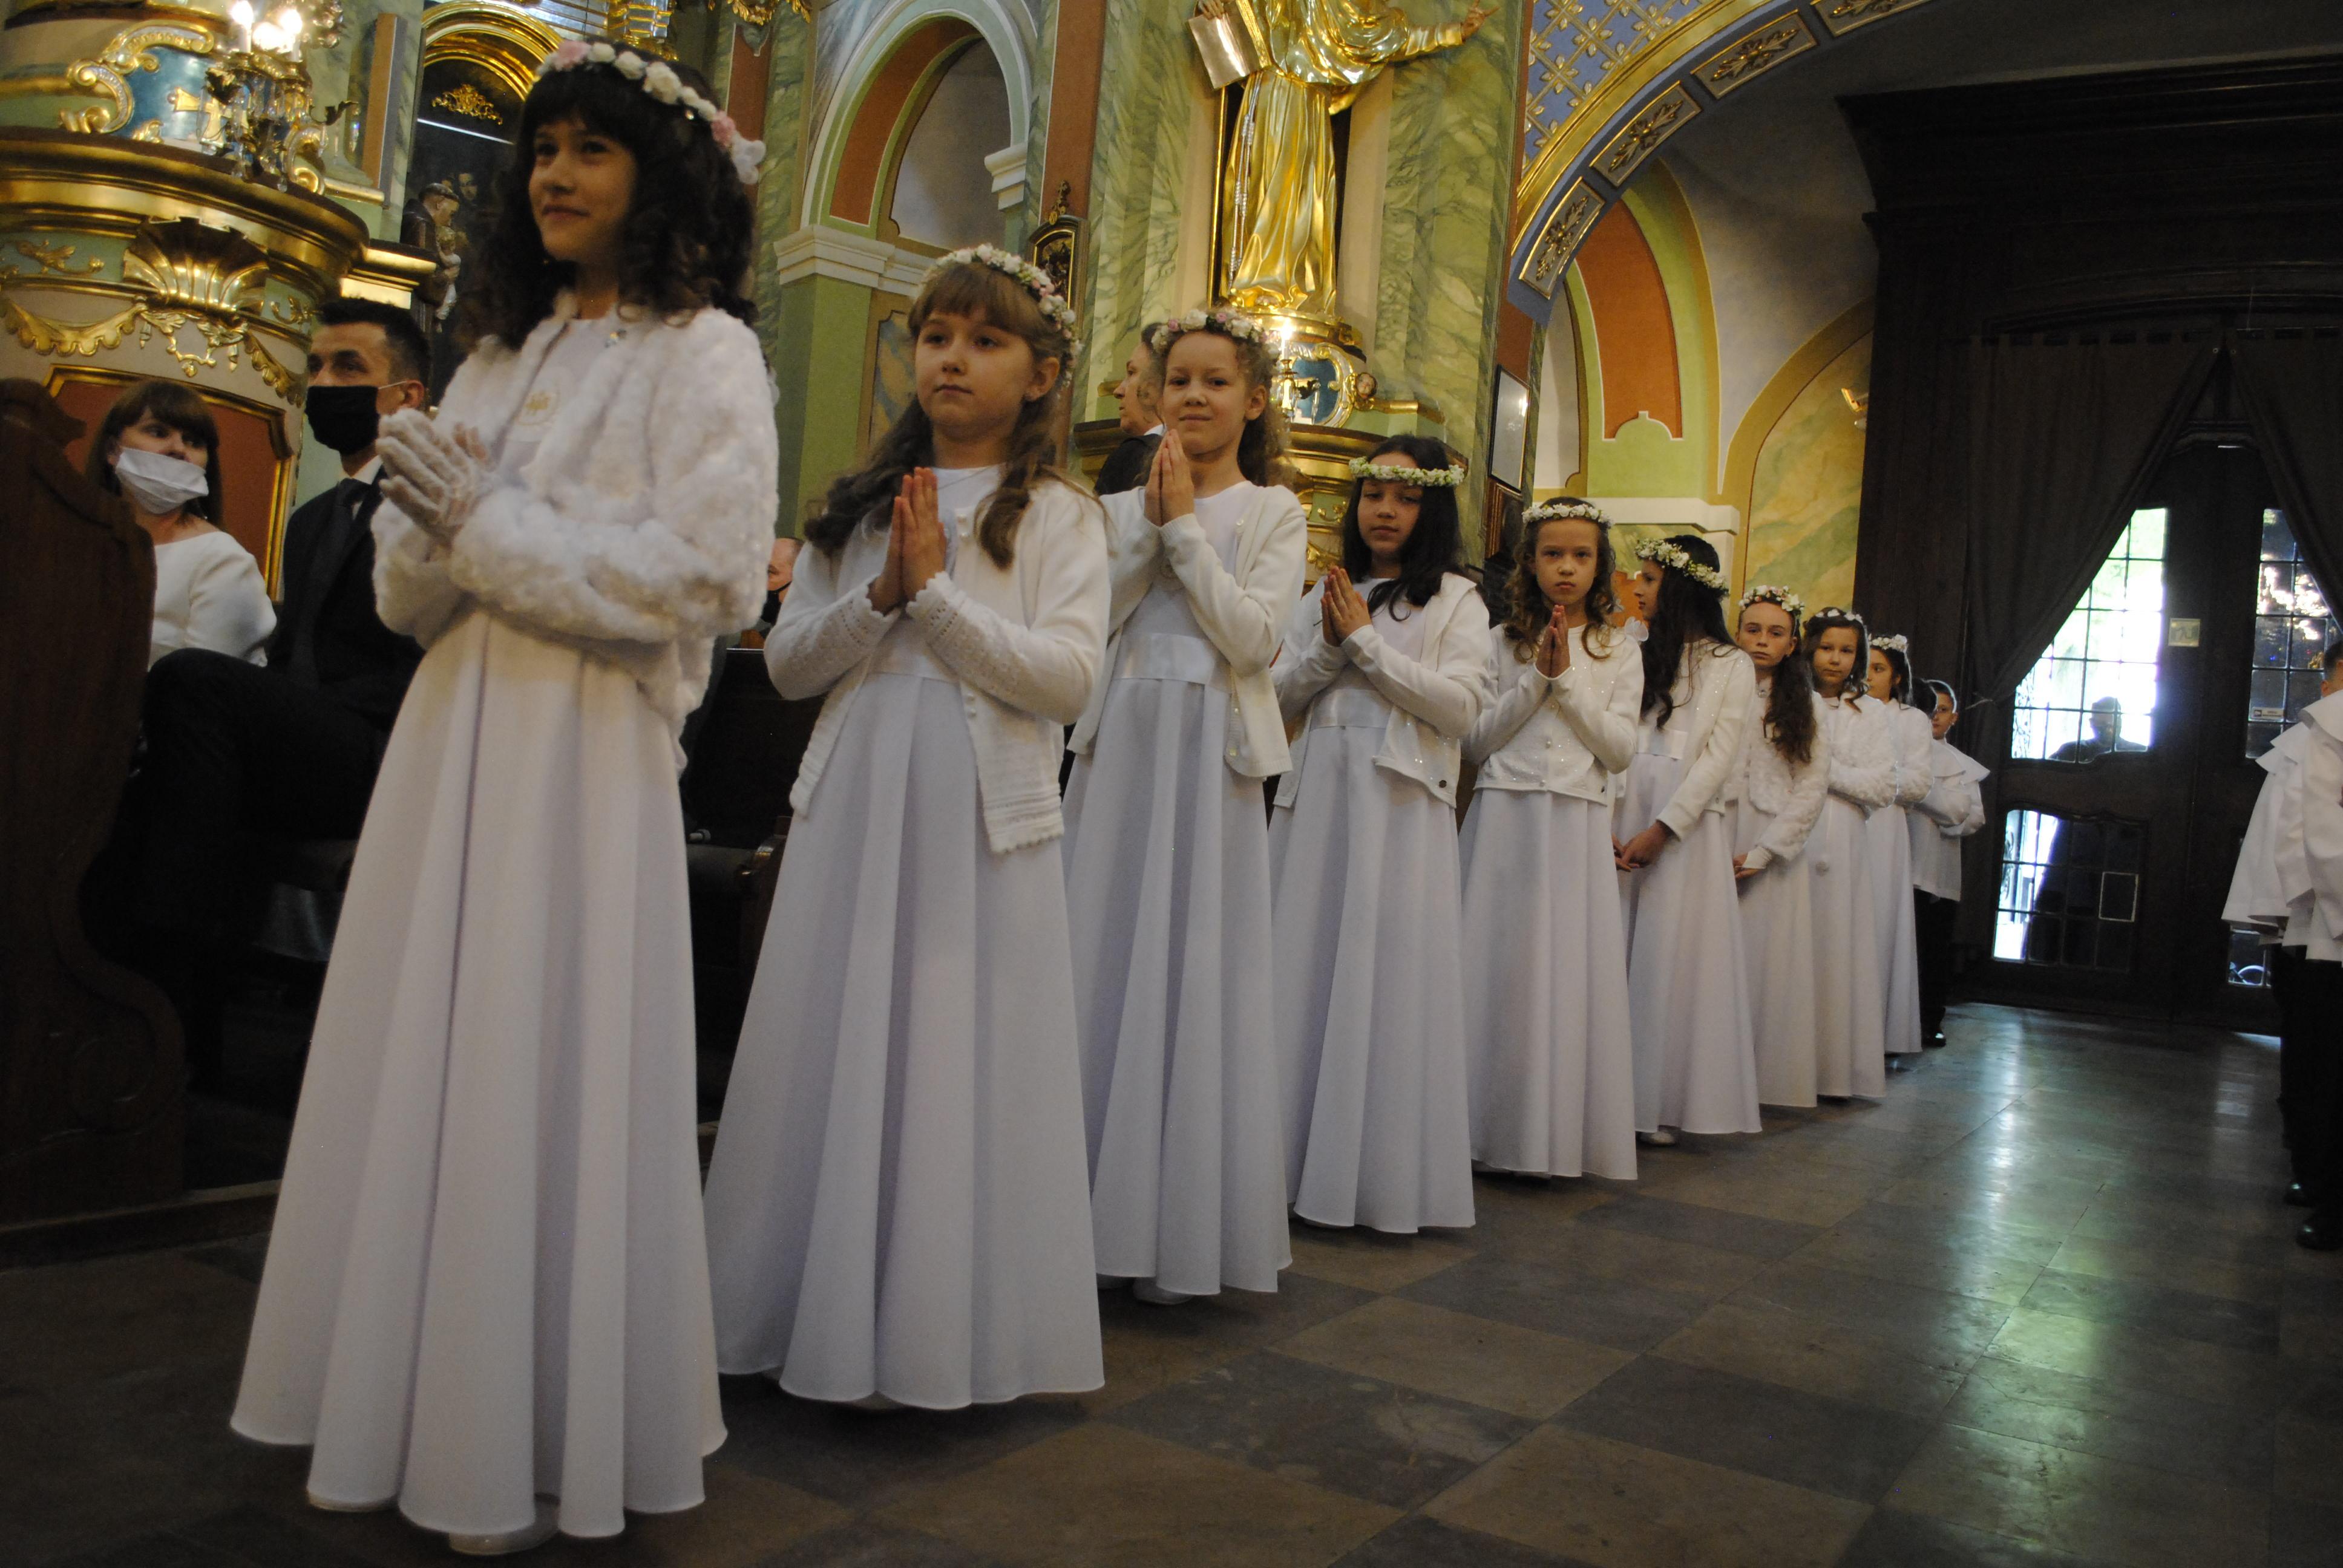 Drugi dzień Pierwszych Komunii w bazylice św. Anny w Lubartowie - Zdjęcie główne